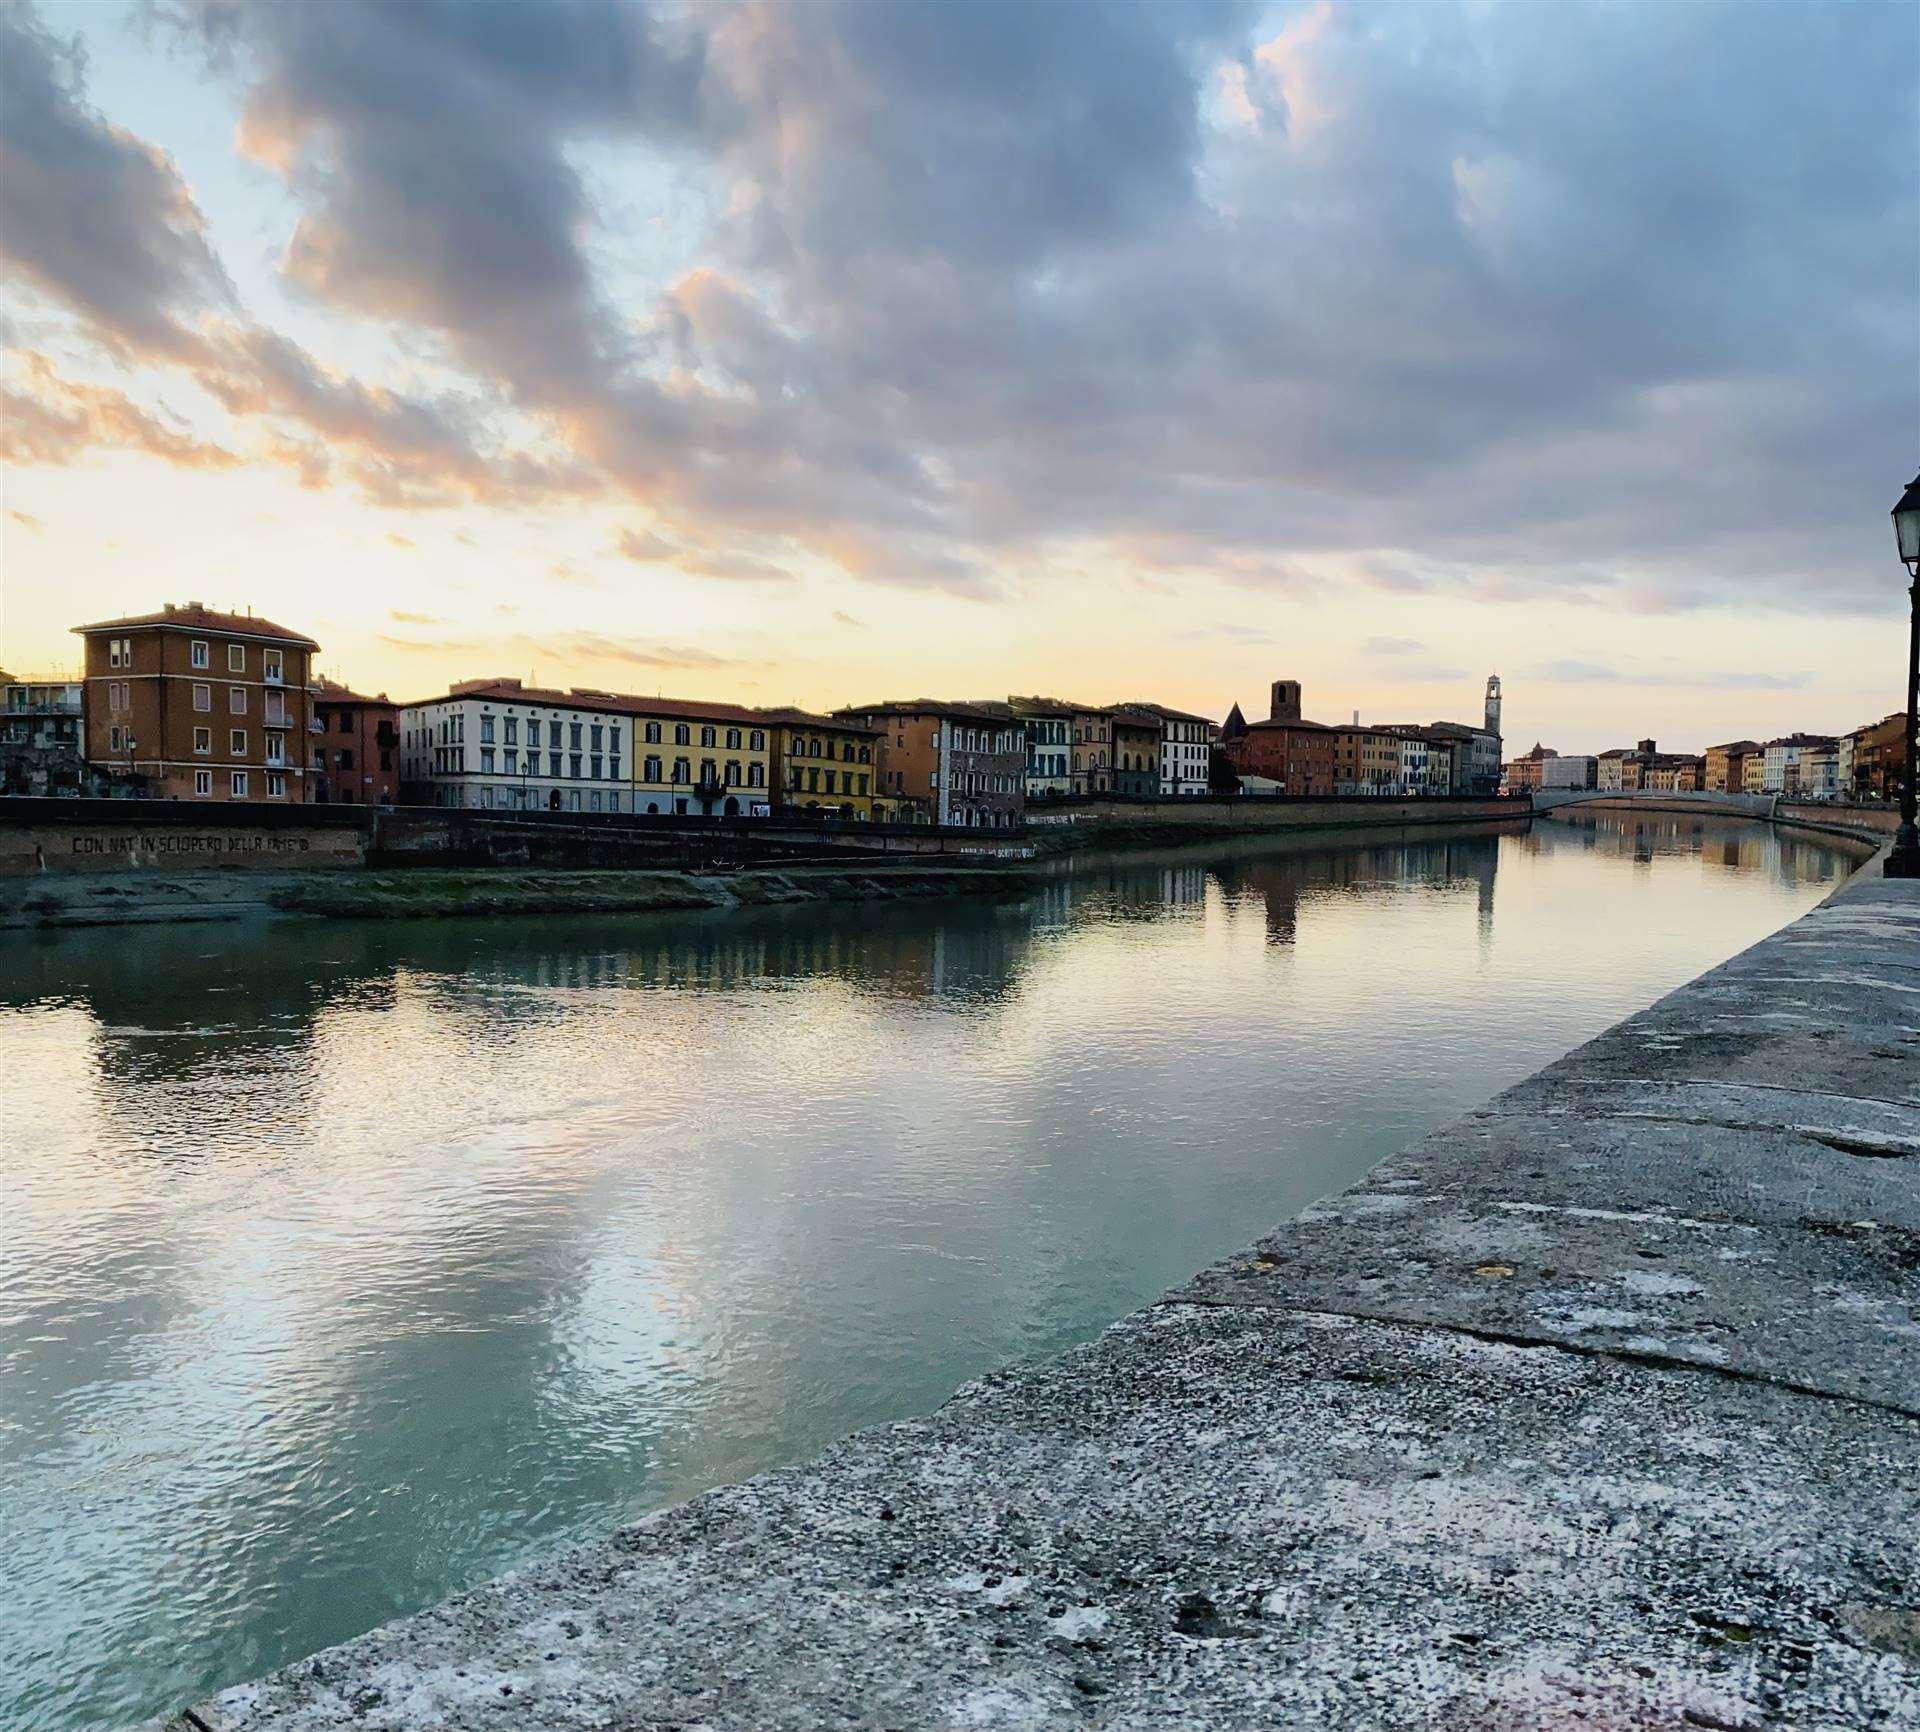 RIFERIMENTO 73CD CENTRO STORICO: Nel cuore di Pisa, a due minuti dagli splendidi Lungarni, inserito in un contesto signorile d'epoca storica,